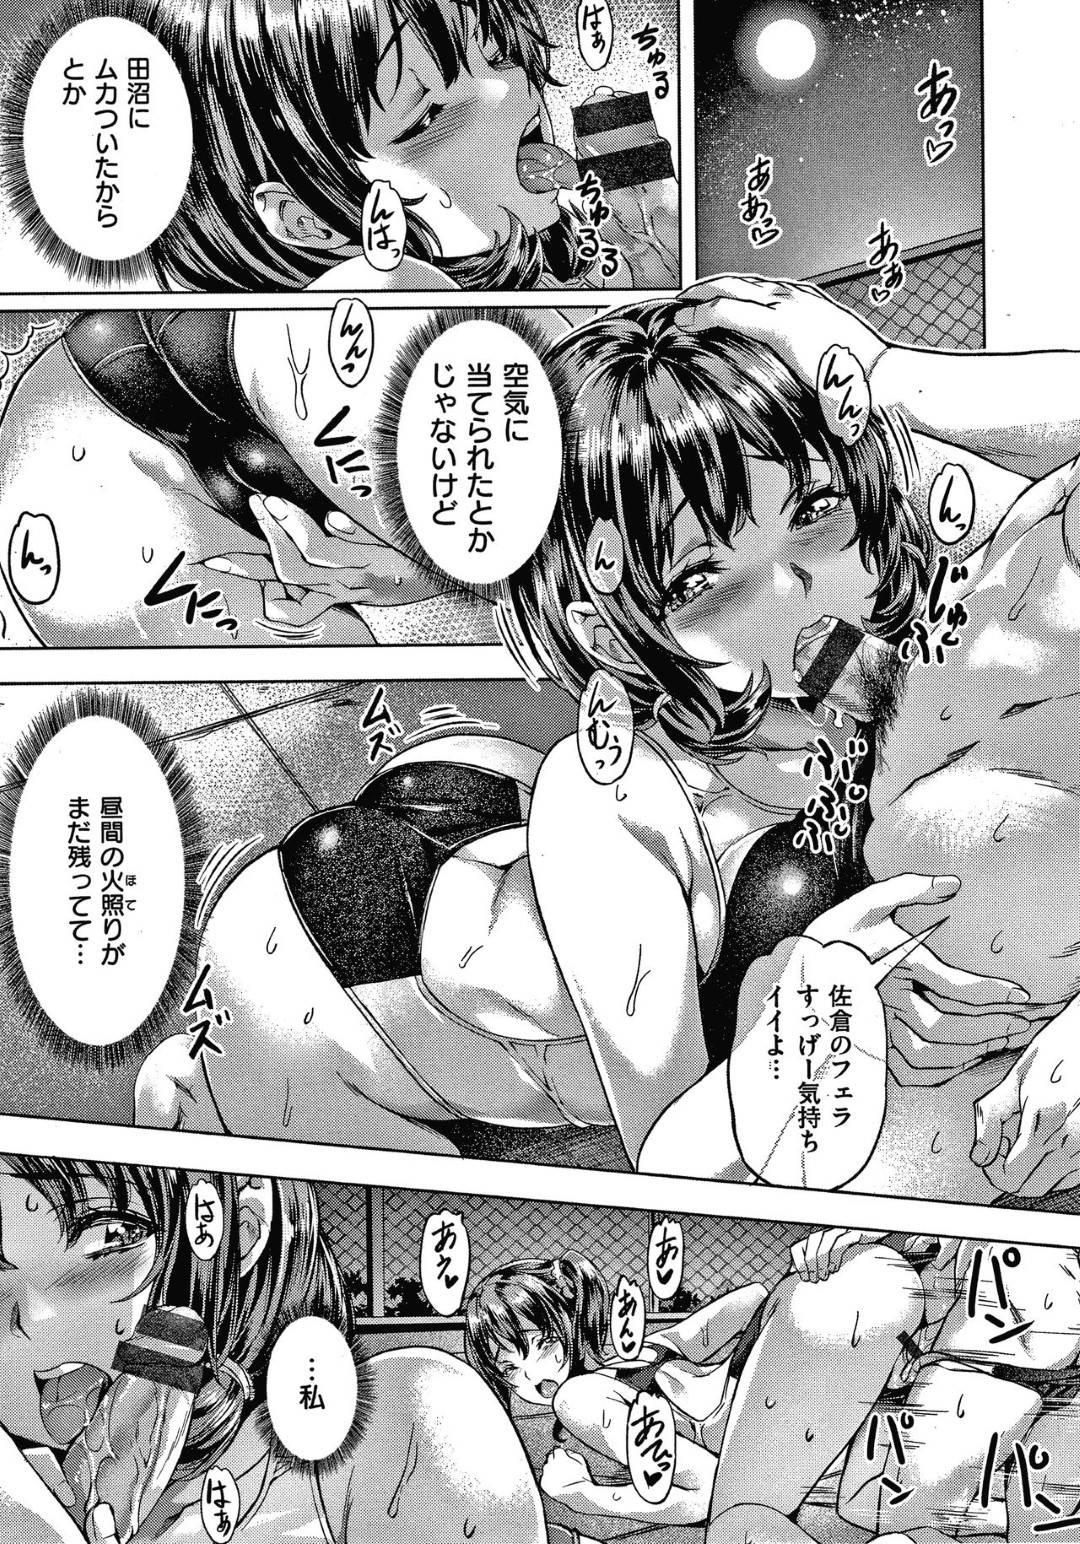 【エロ漫画】先輩に誘われて夜のプールへと訪れた巨乳競泳娘。そこで夏合宿恒例の乱交パーティーが開かれており、彼女も例外なく参加する羽目となり次々と同級生や先輩のチンポをしゃぶる。